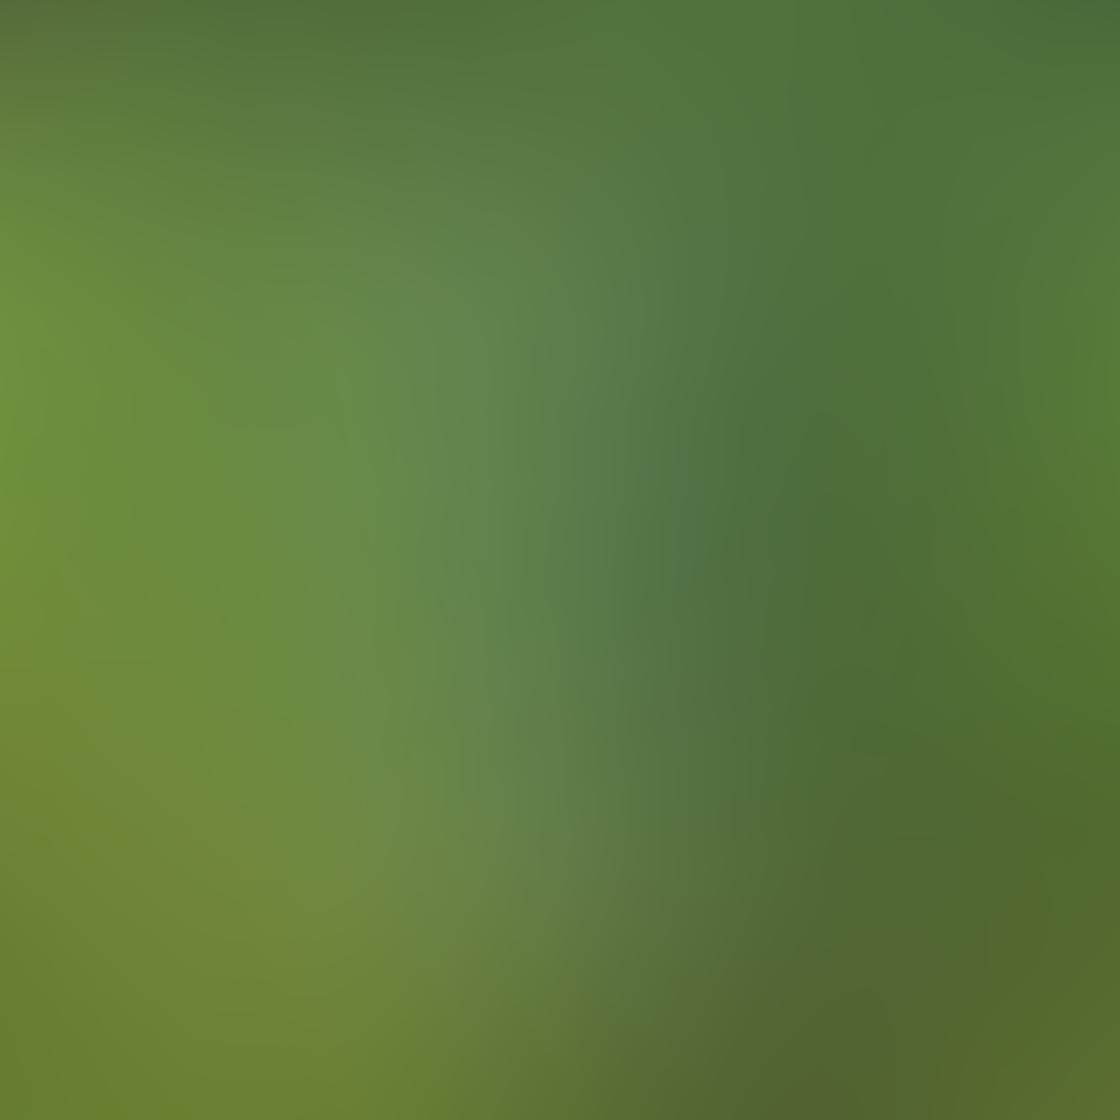 Green iPhone Photos 28